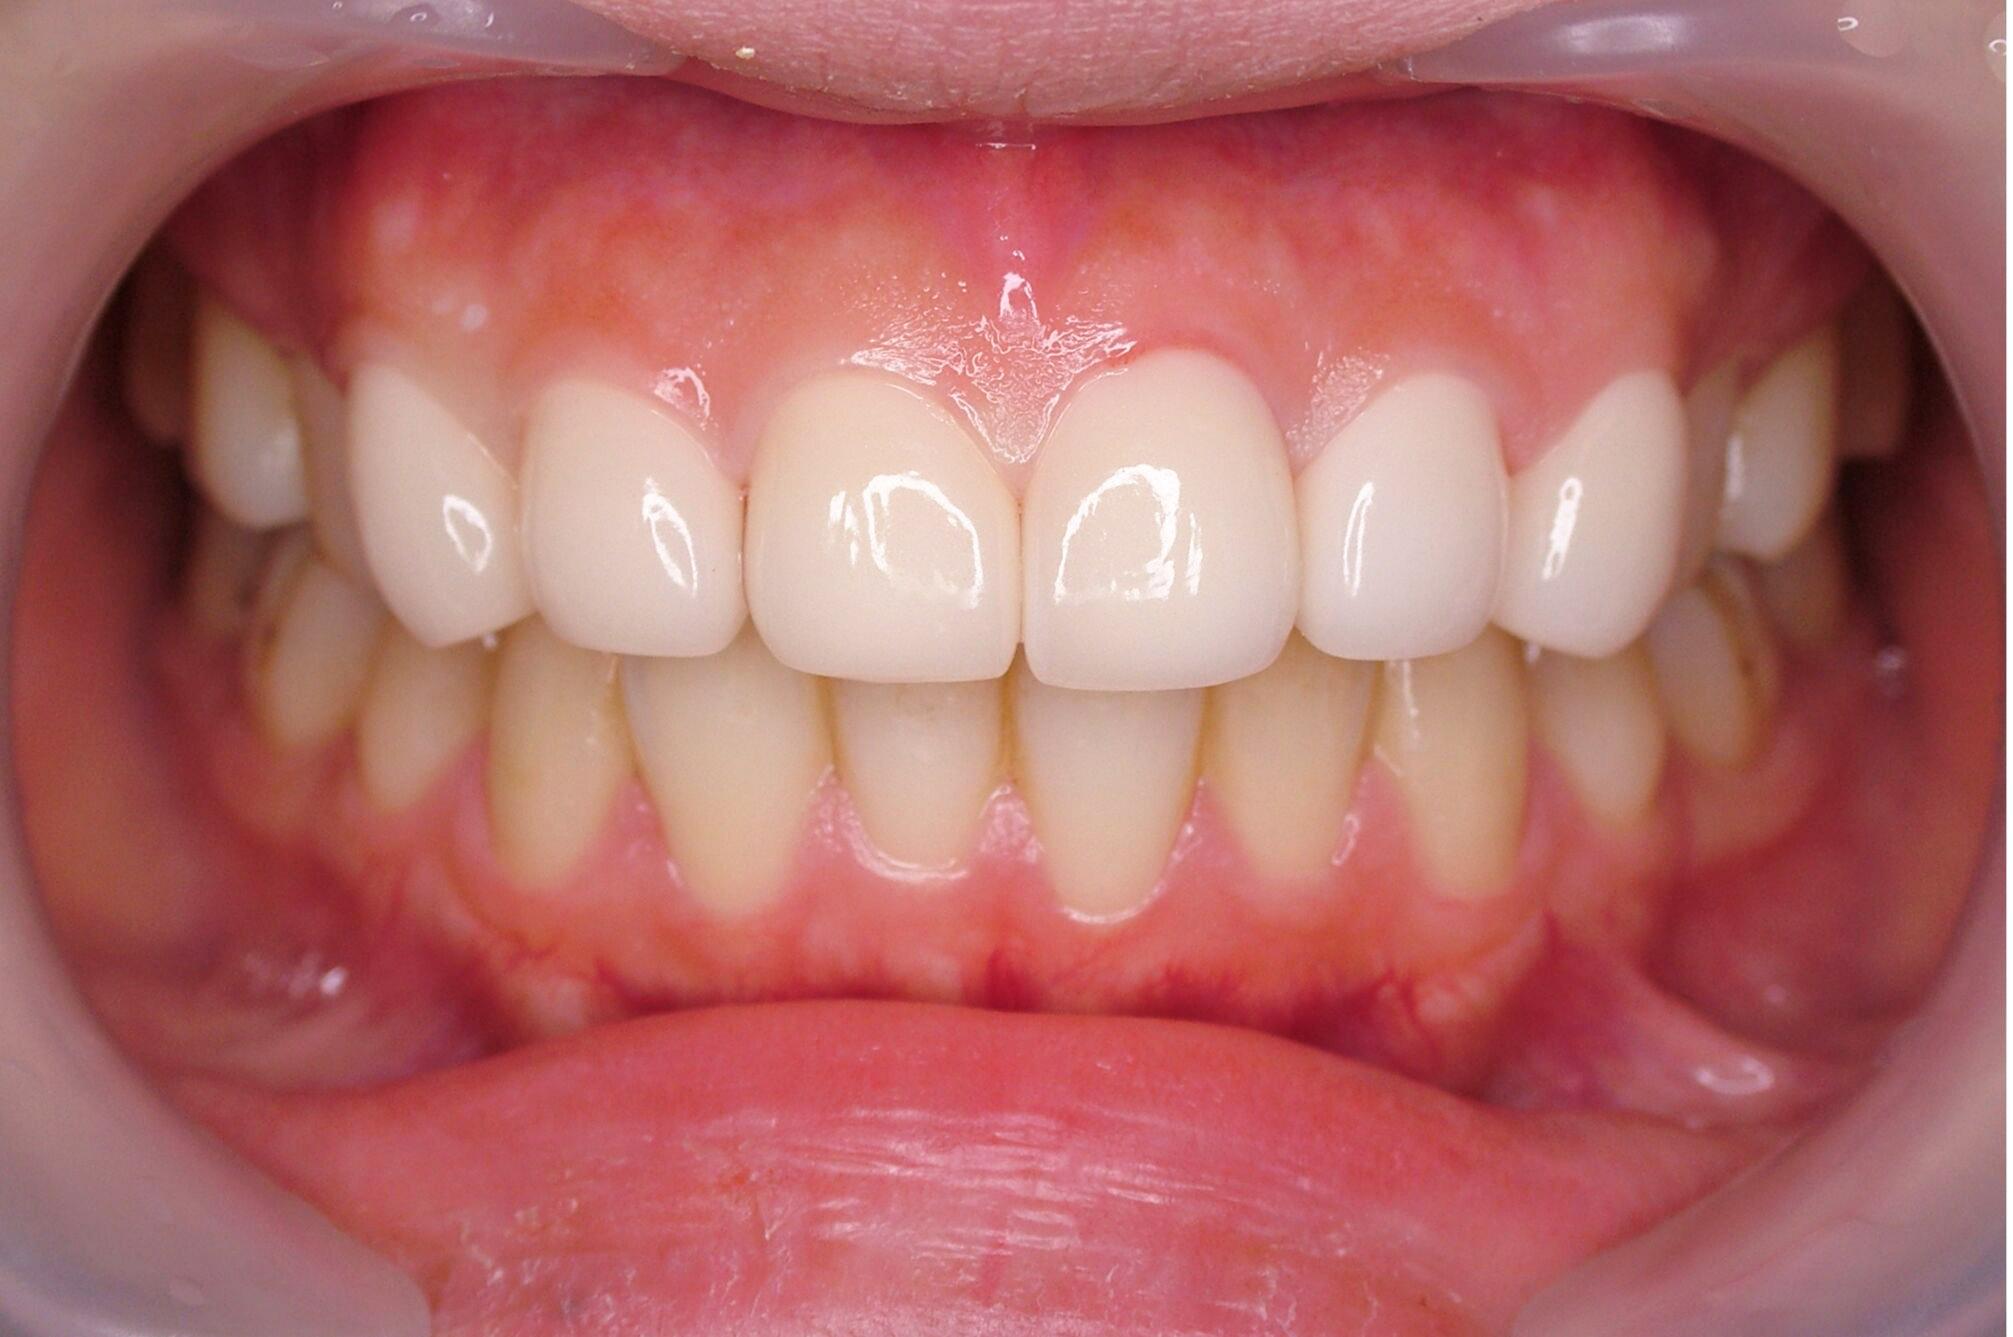 前歯の変色と欠けた歯を治療した症例のサムネール画像